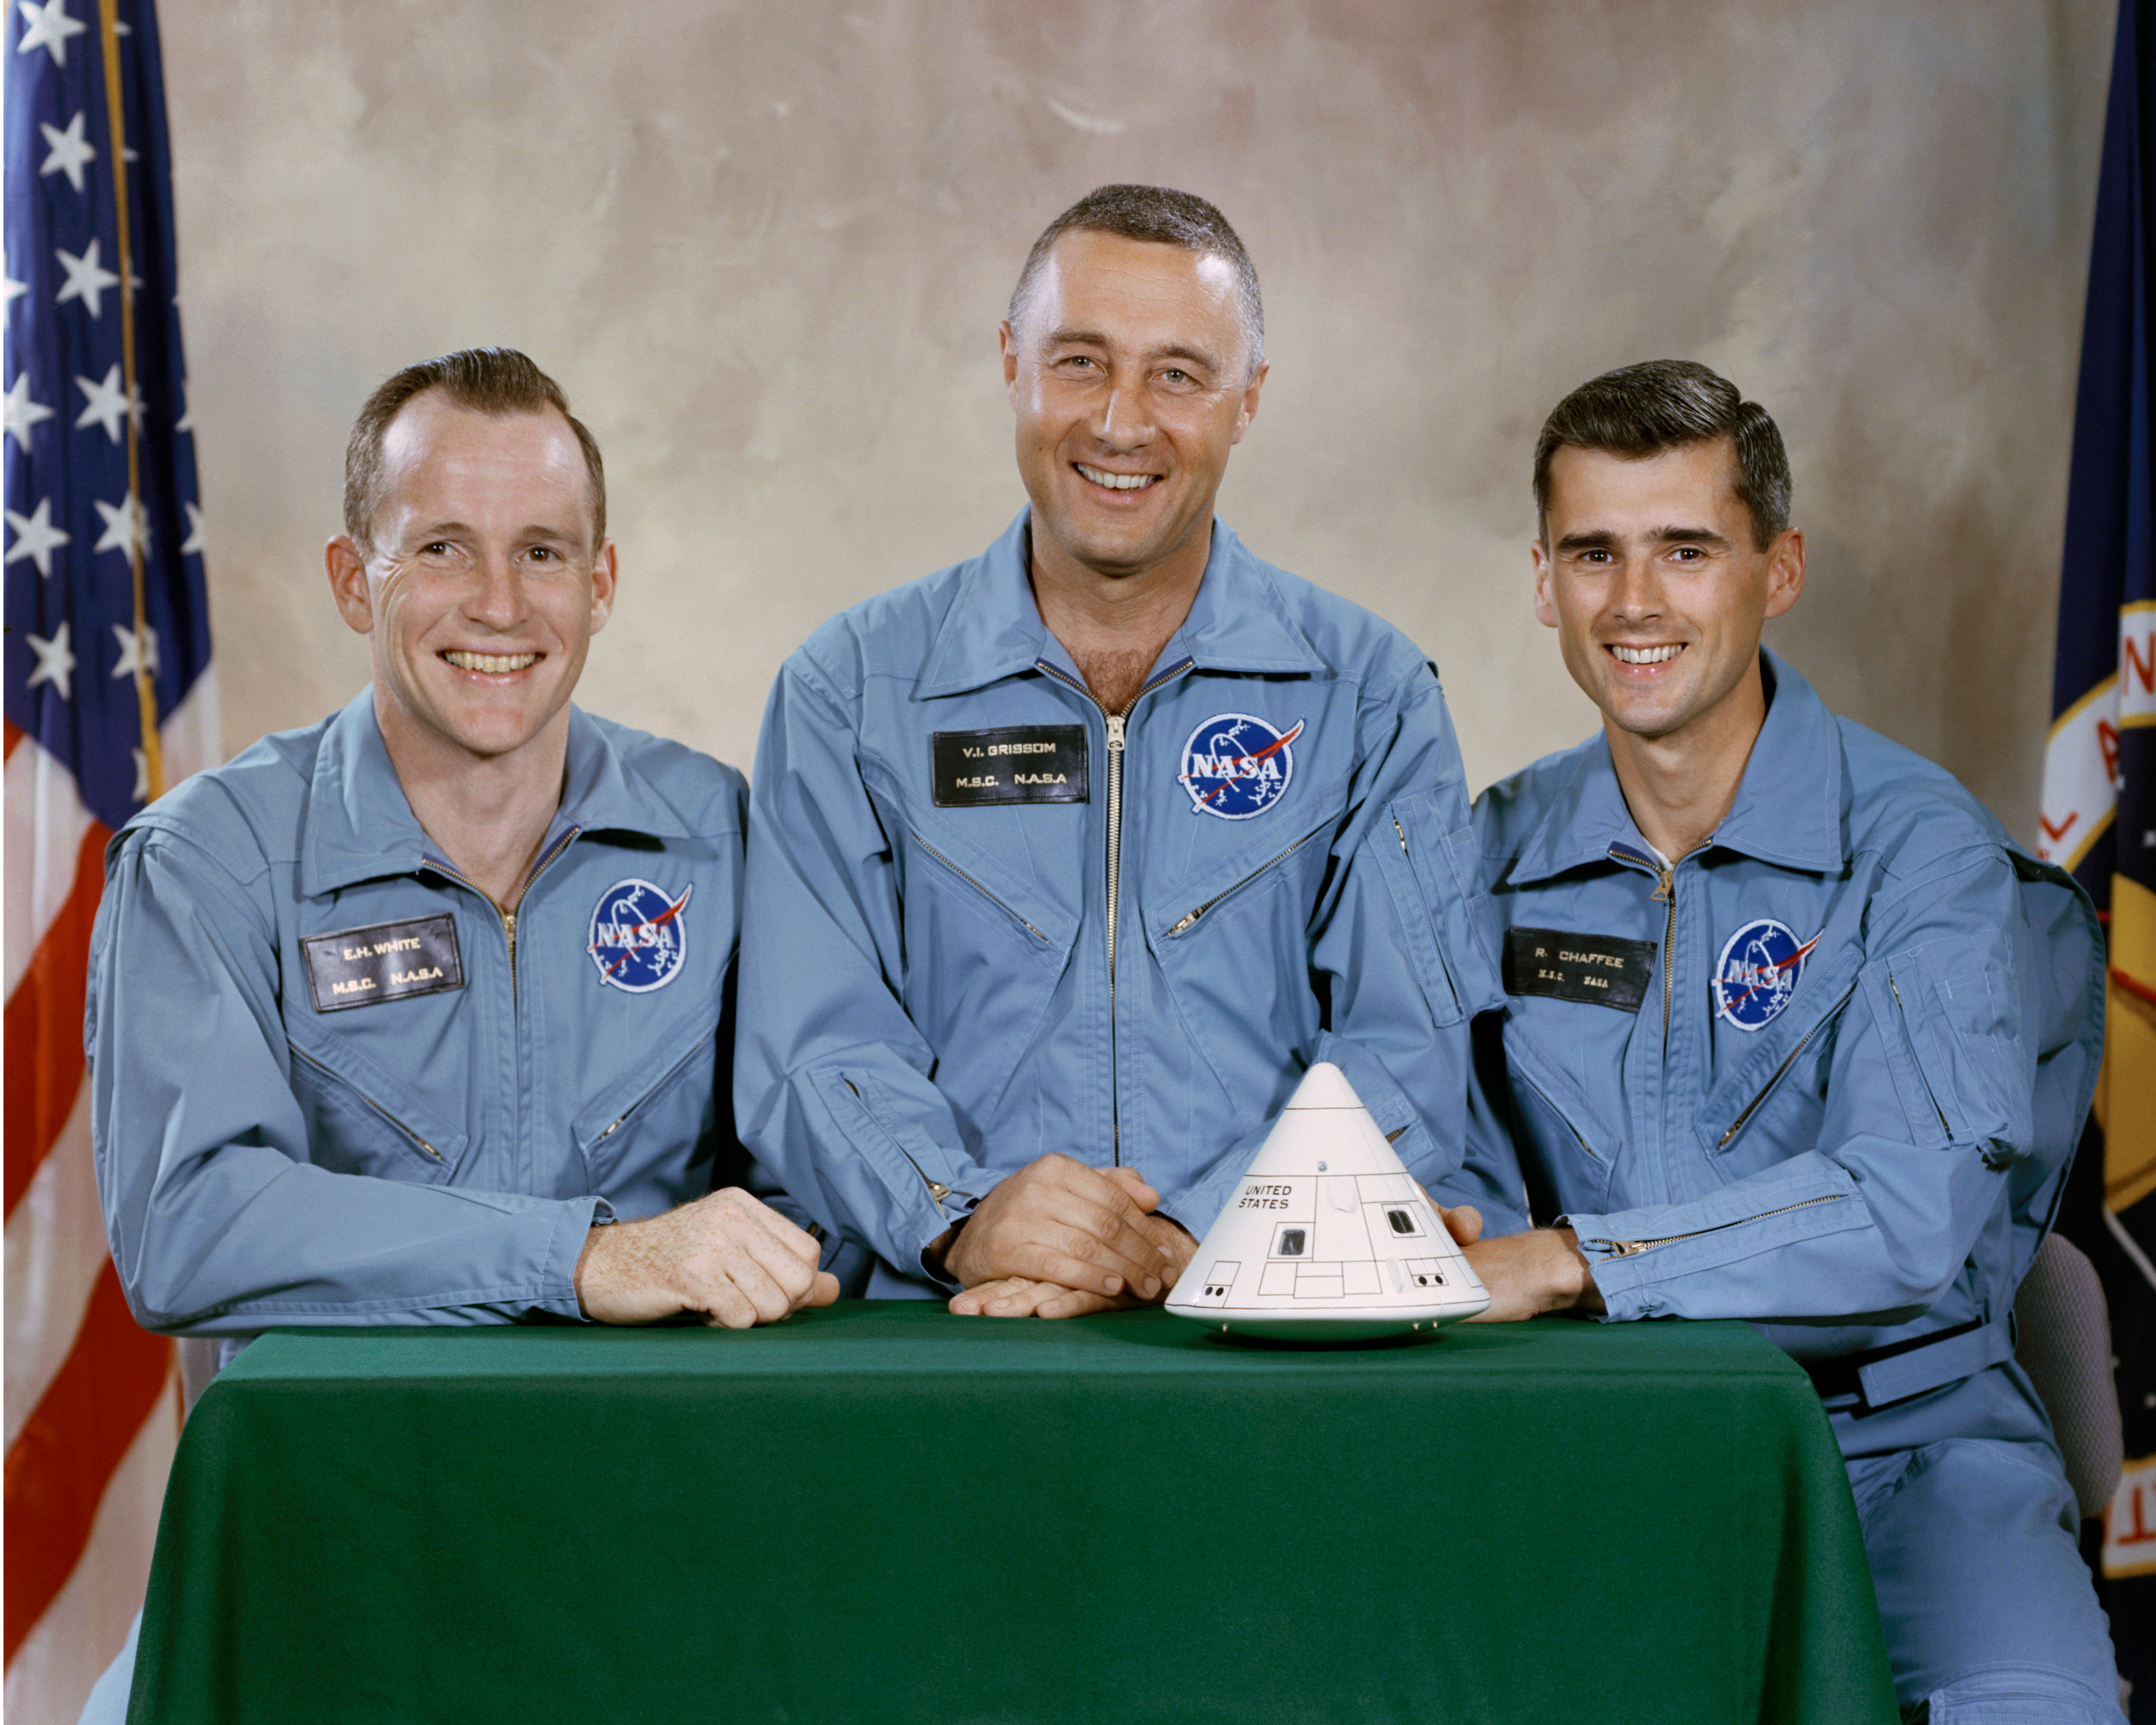 Apollo 1 Astronauts